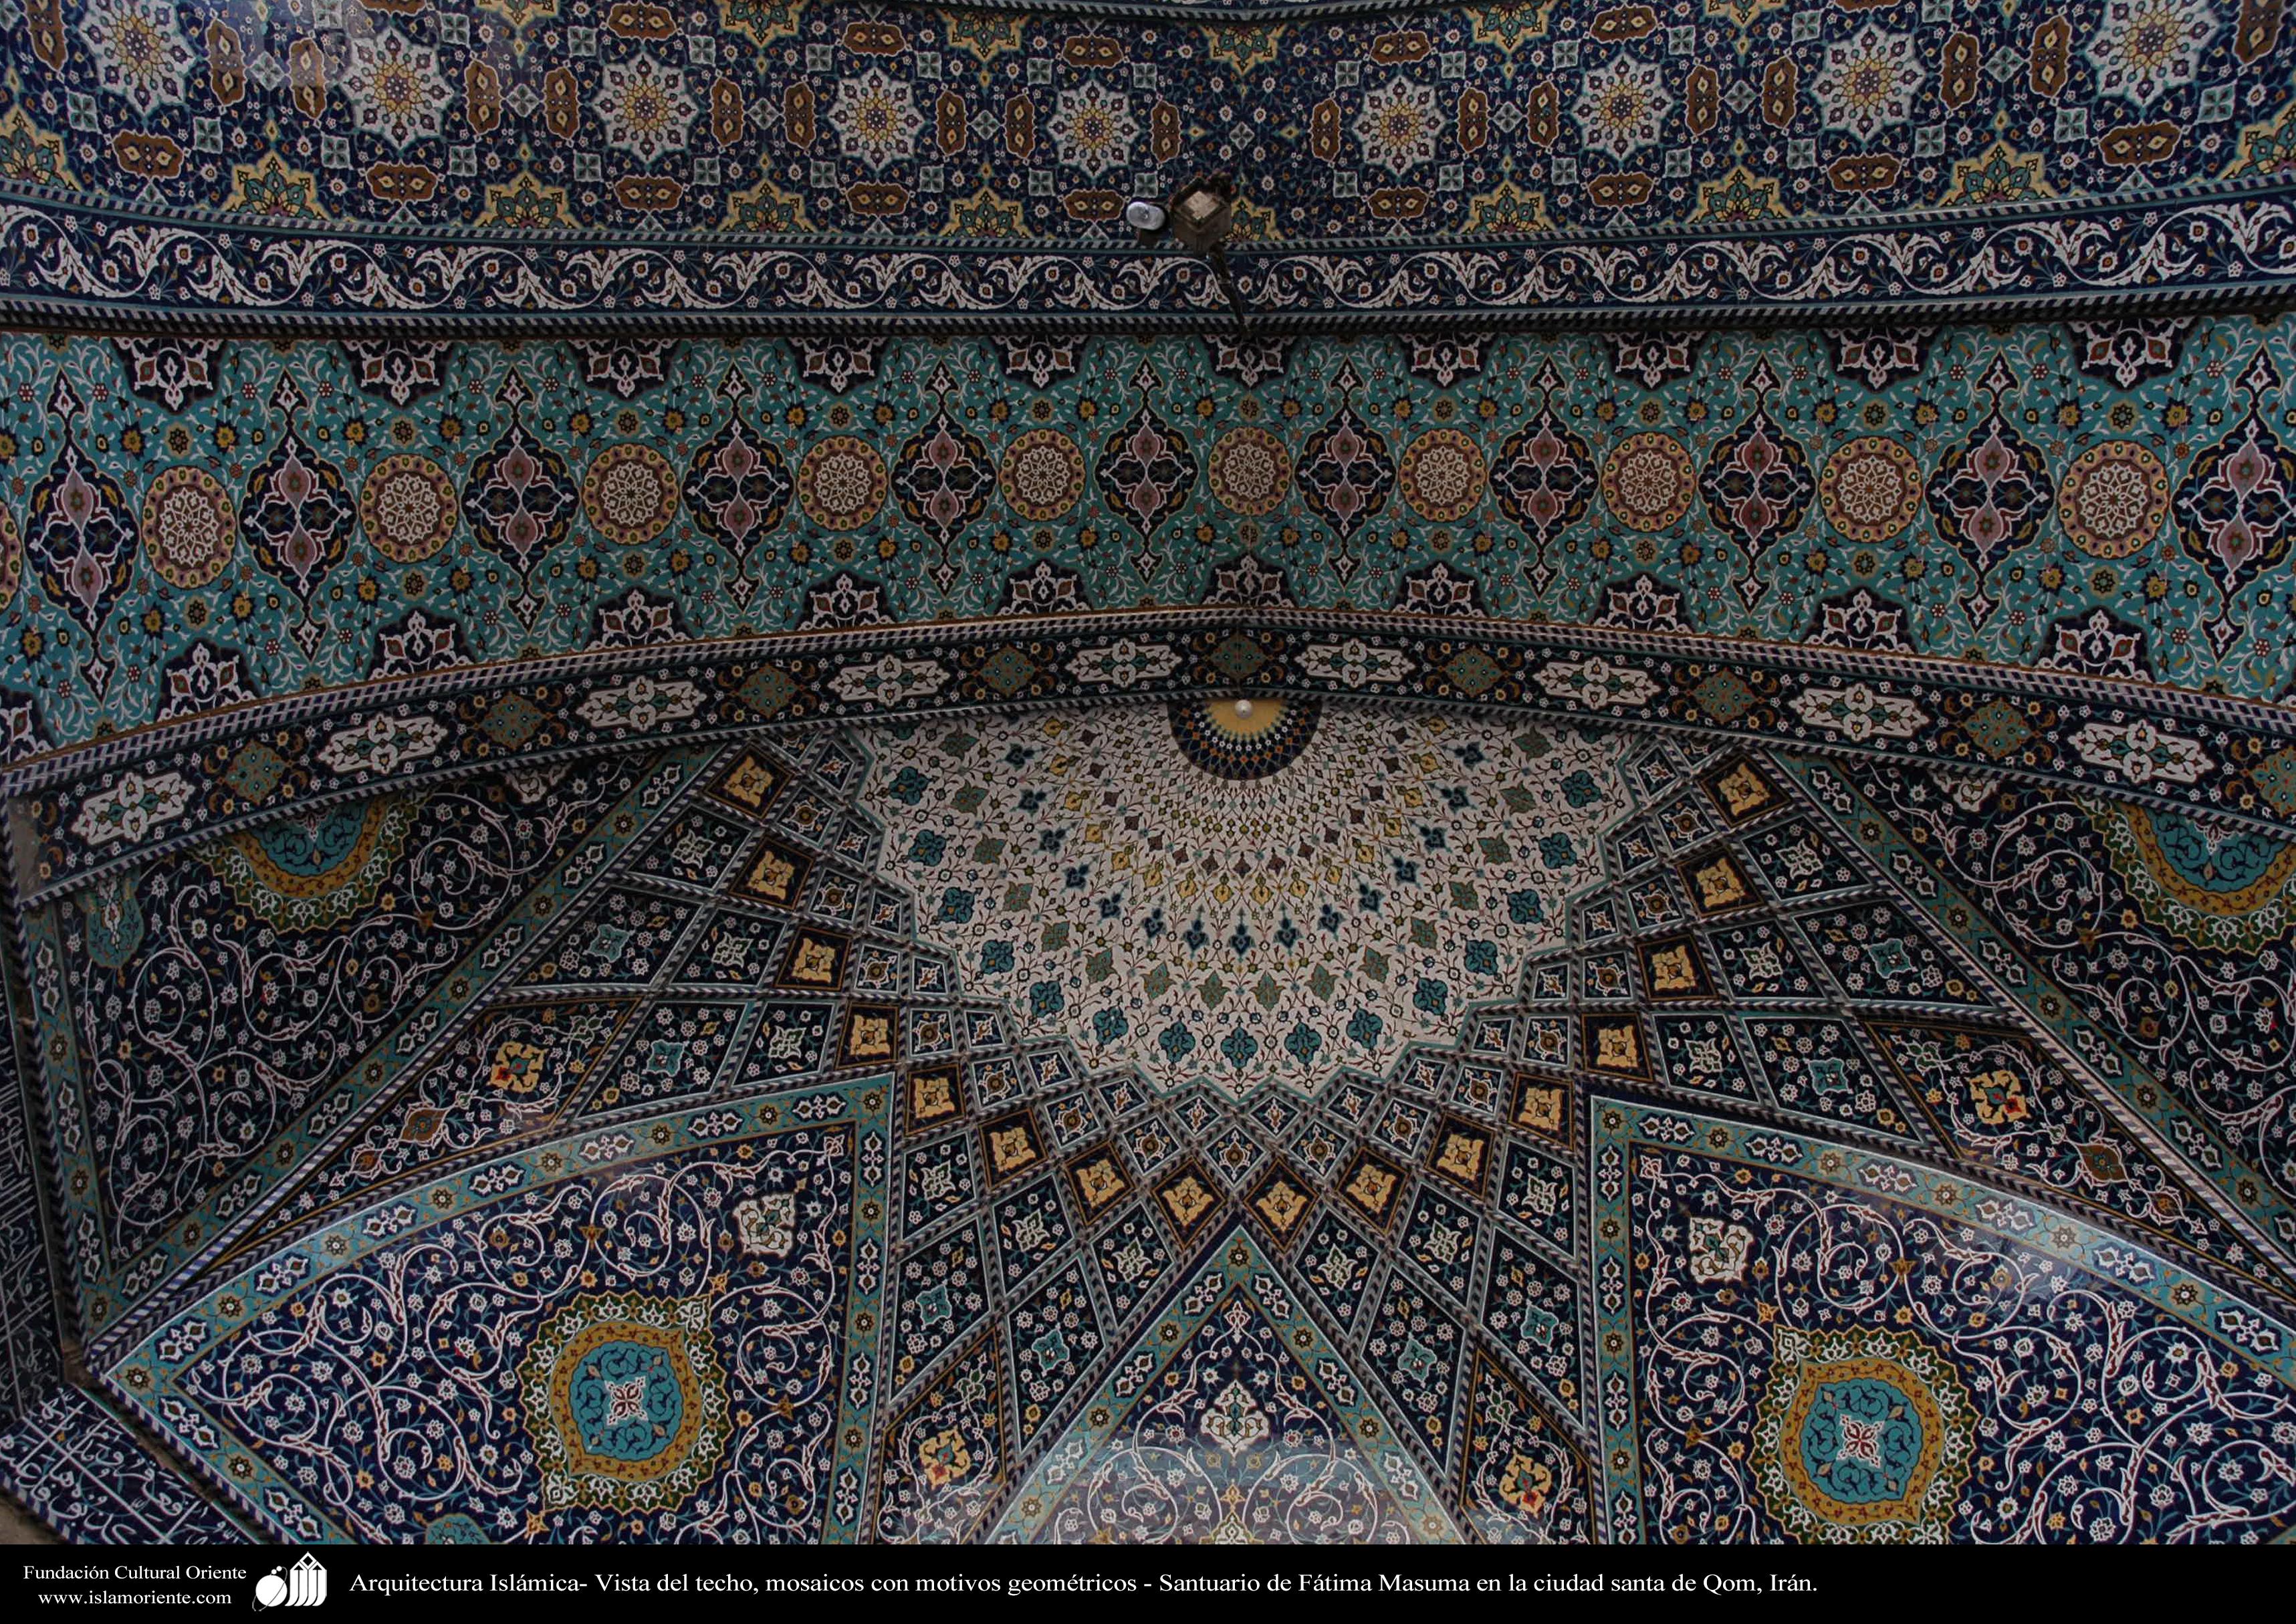 Architettura islamica una vista di piastrelle del soffitto del